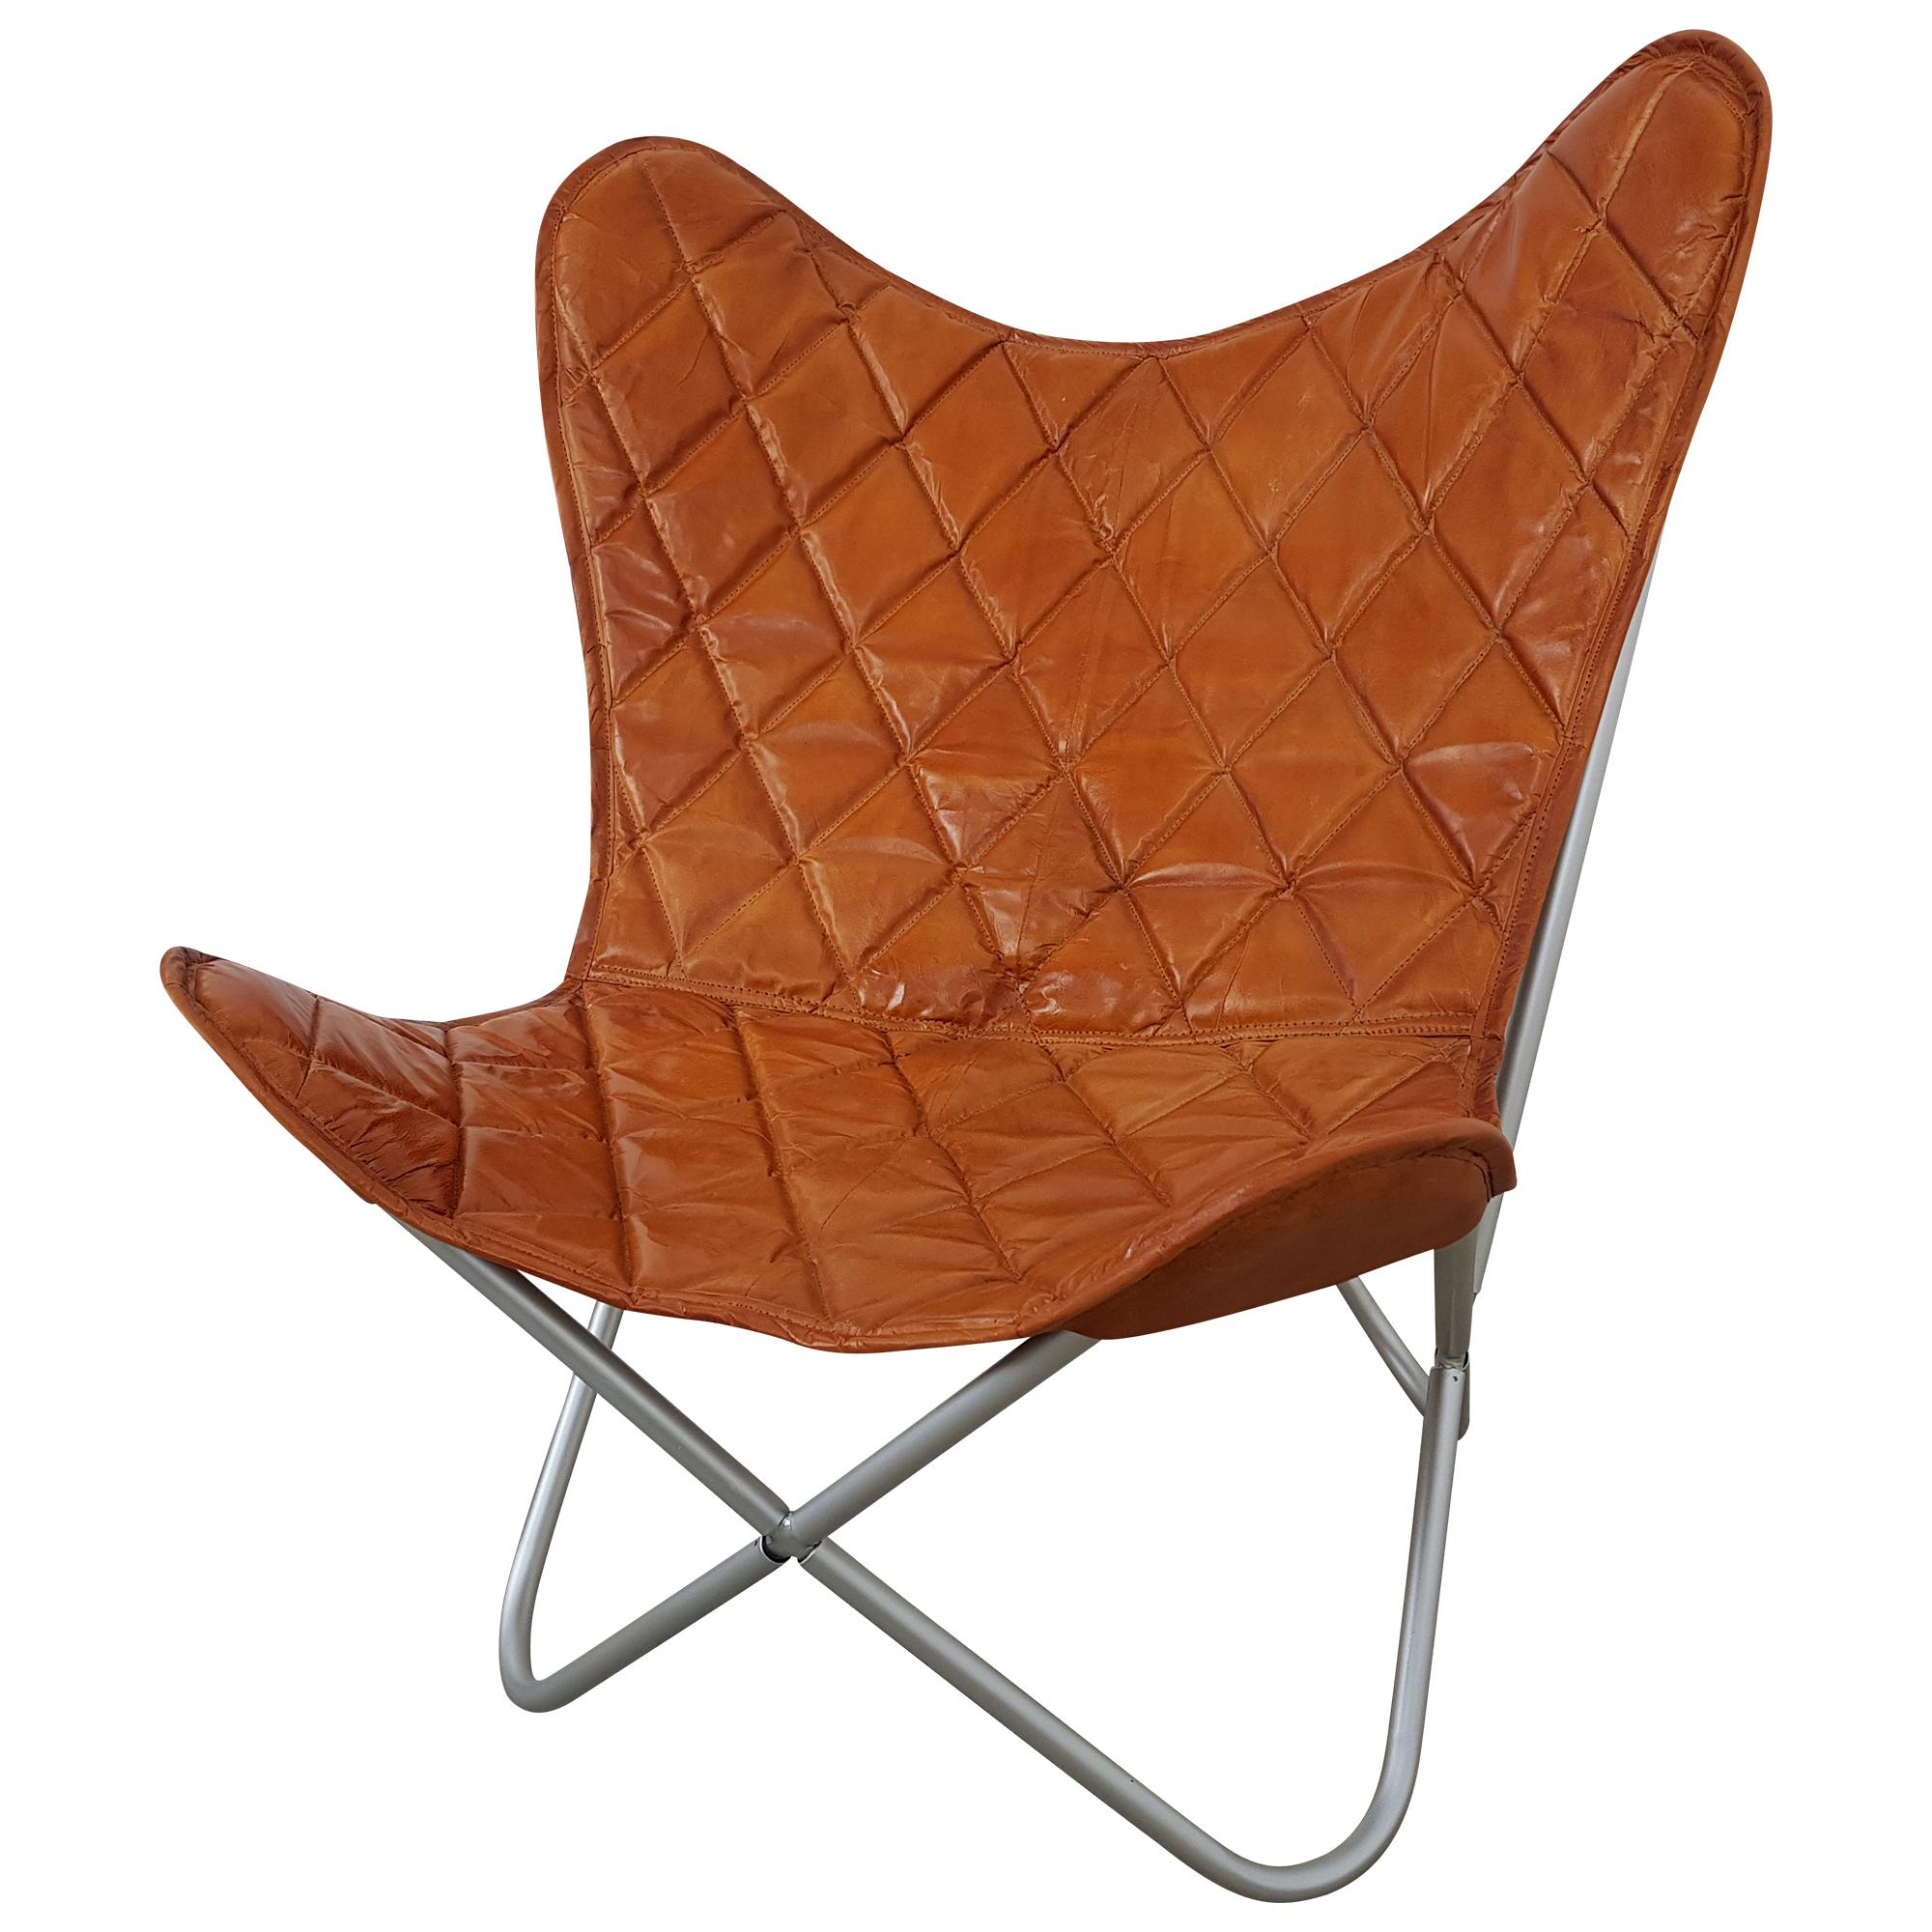 Butterfly Sessel Leder Butterfly Chair Leder Genial Leder